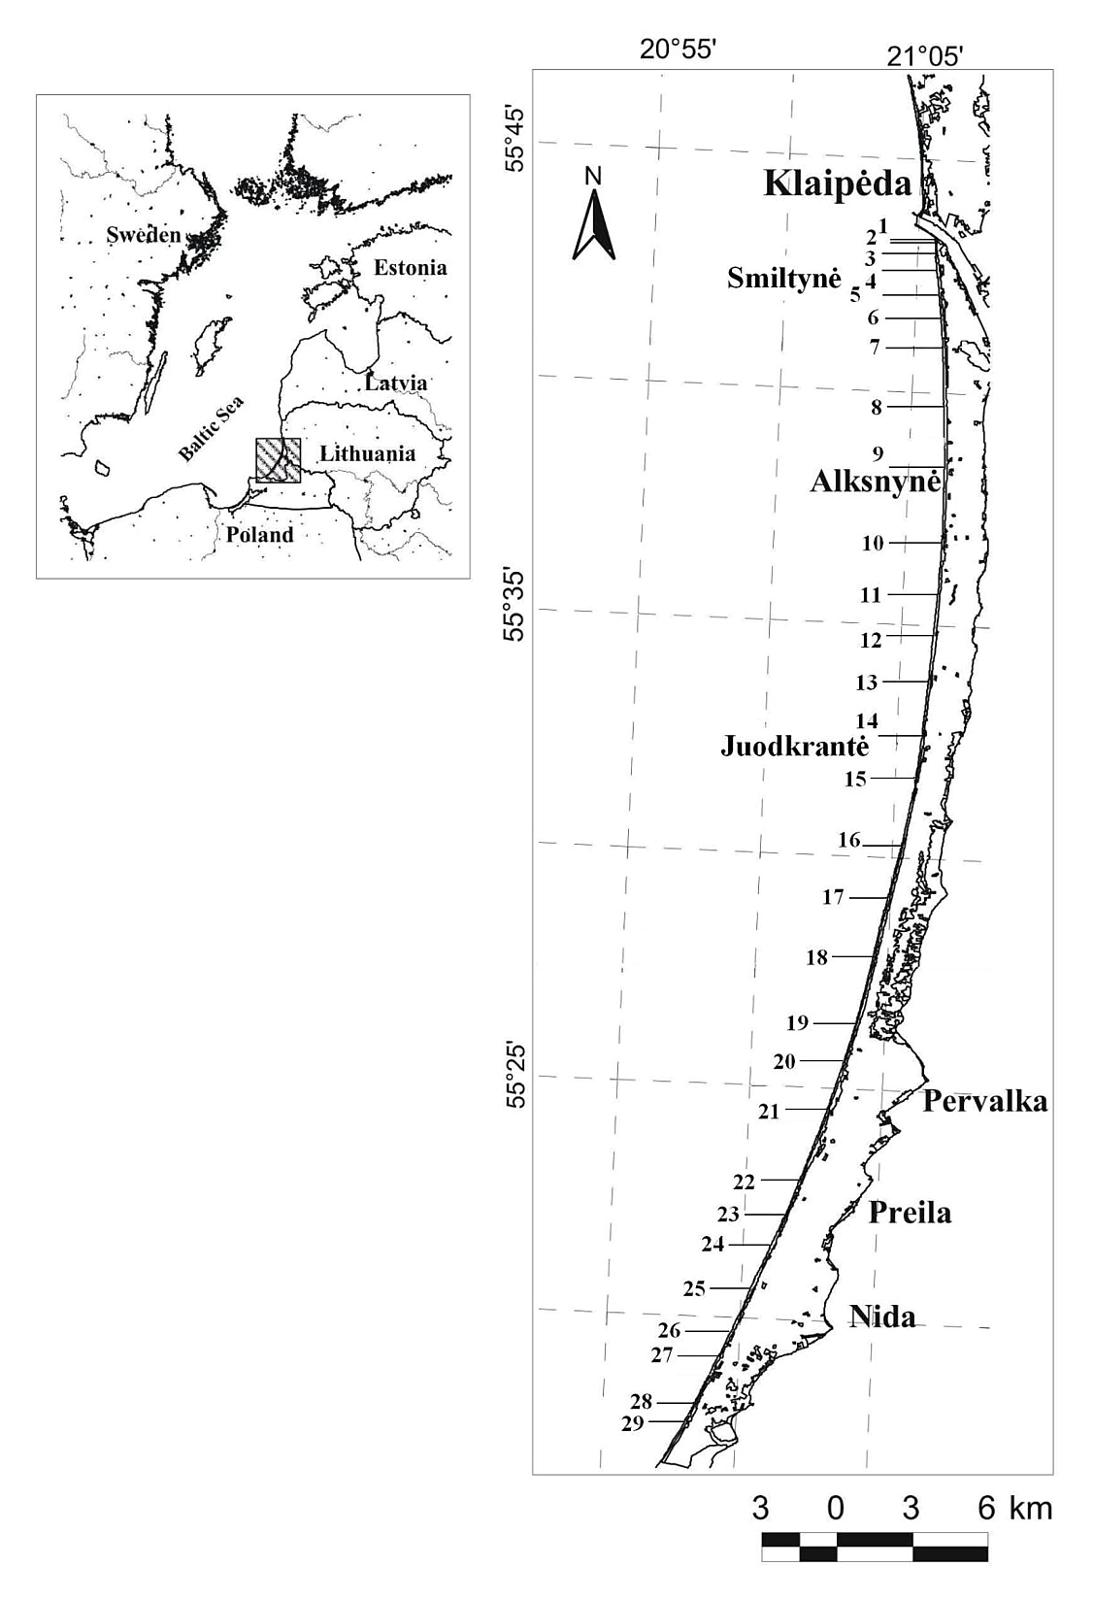 1 pav. Tyrimų rajonas. Brūkšneliais nurodytos tyrimų profilių vietos / Fig. 1. Location map. Lines with numbers are sites of investigation profiles